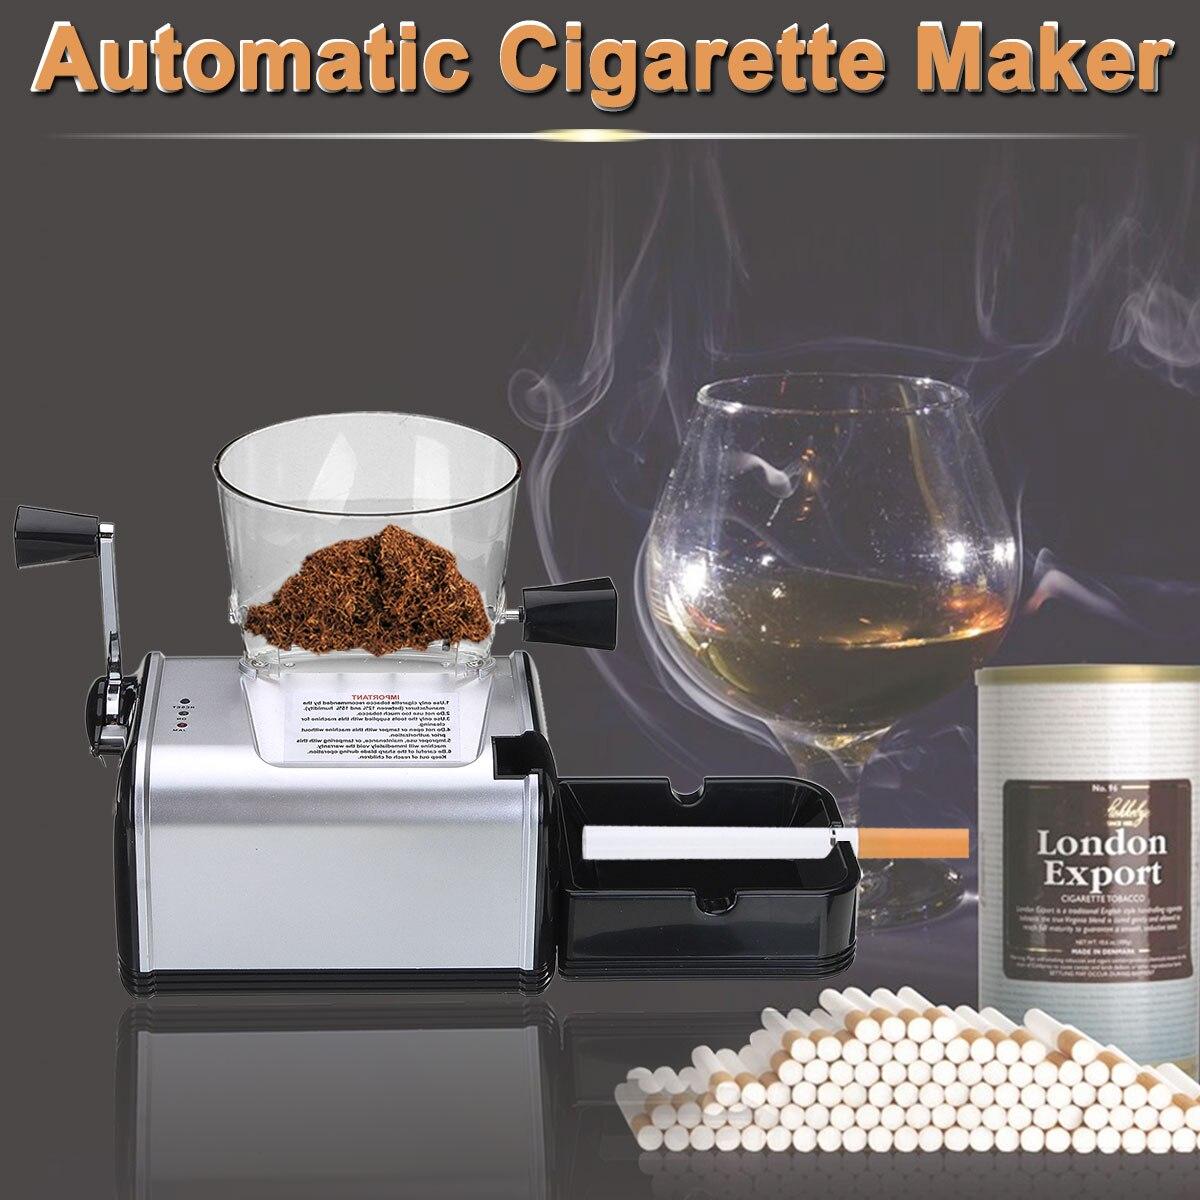 Haute Qualité 220 v Électrique Automatique Faisant La Machine À Rouler les Cigarettes Tabac Rouleau Maker Injecter 8mm Tube Portable Fumeurs Outil